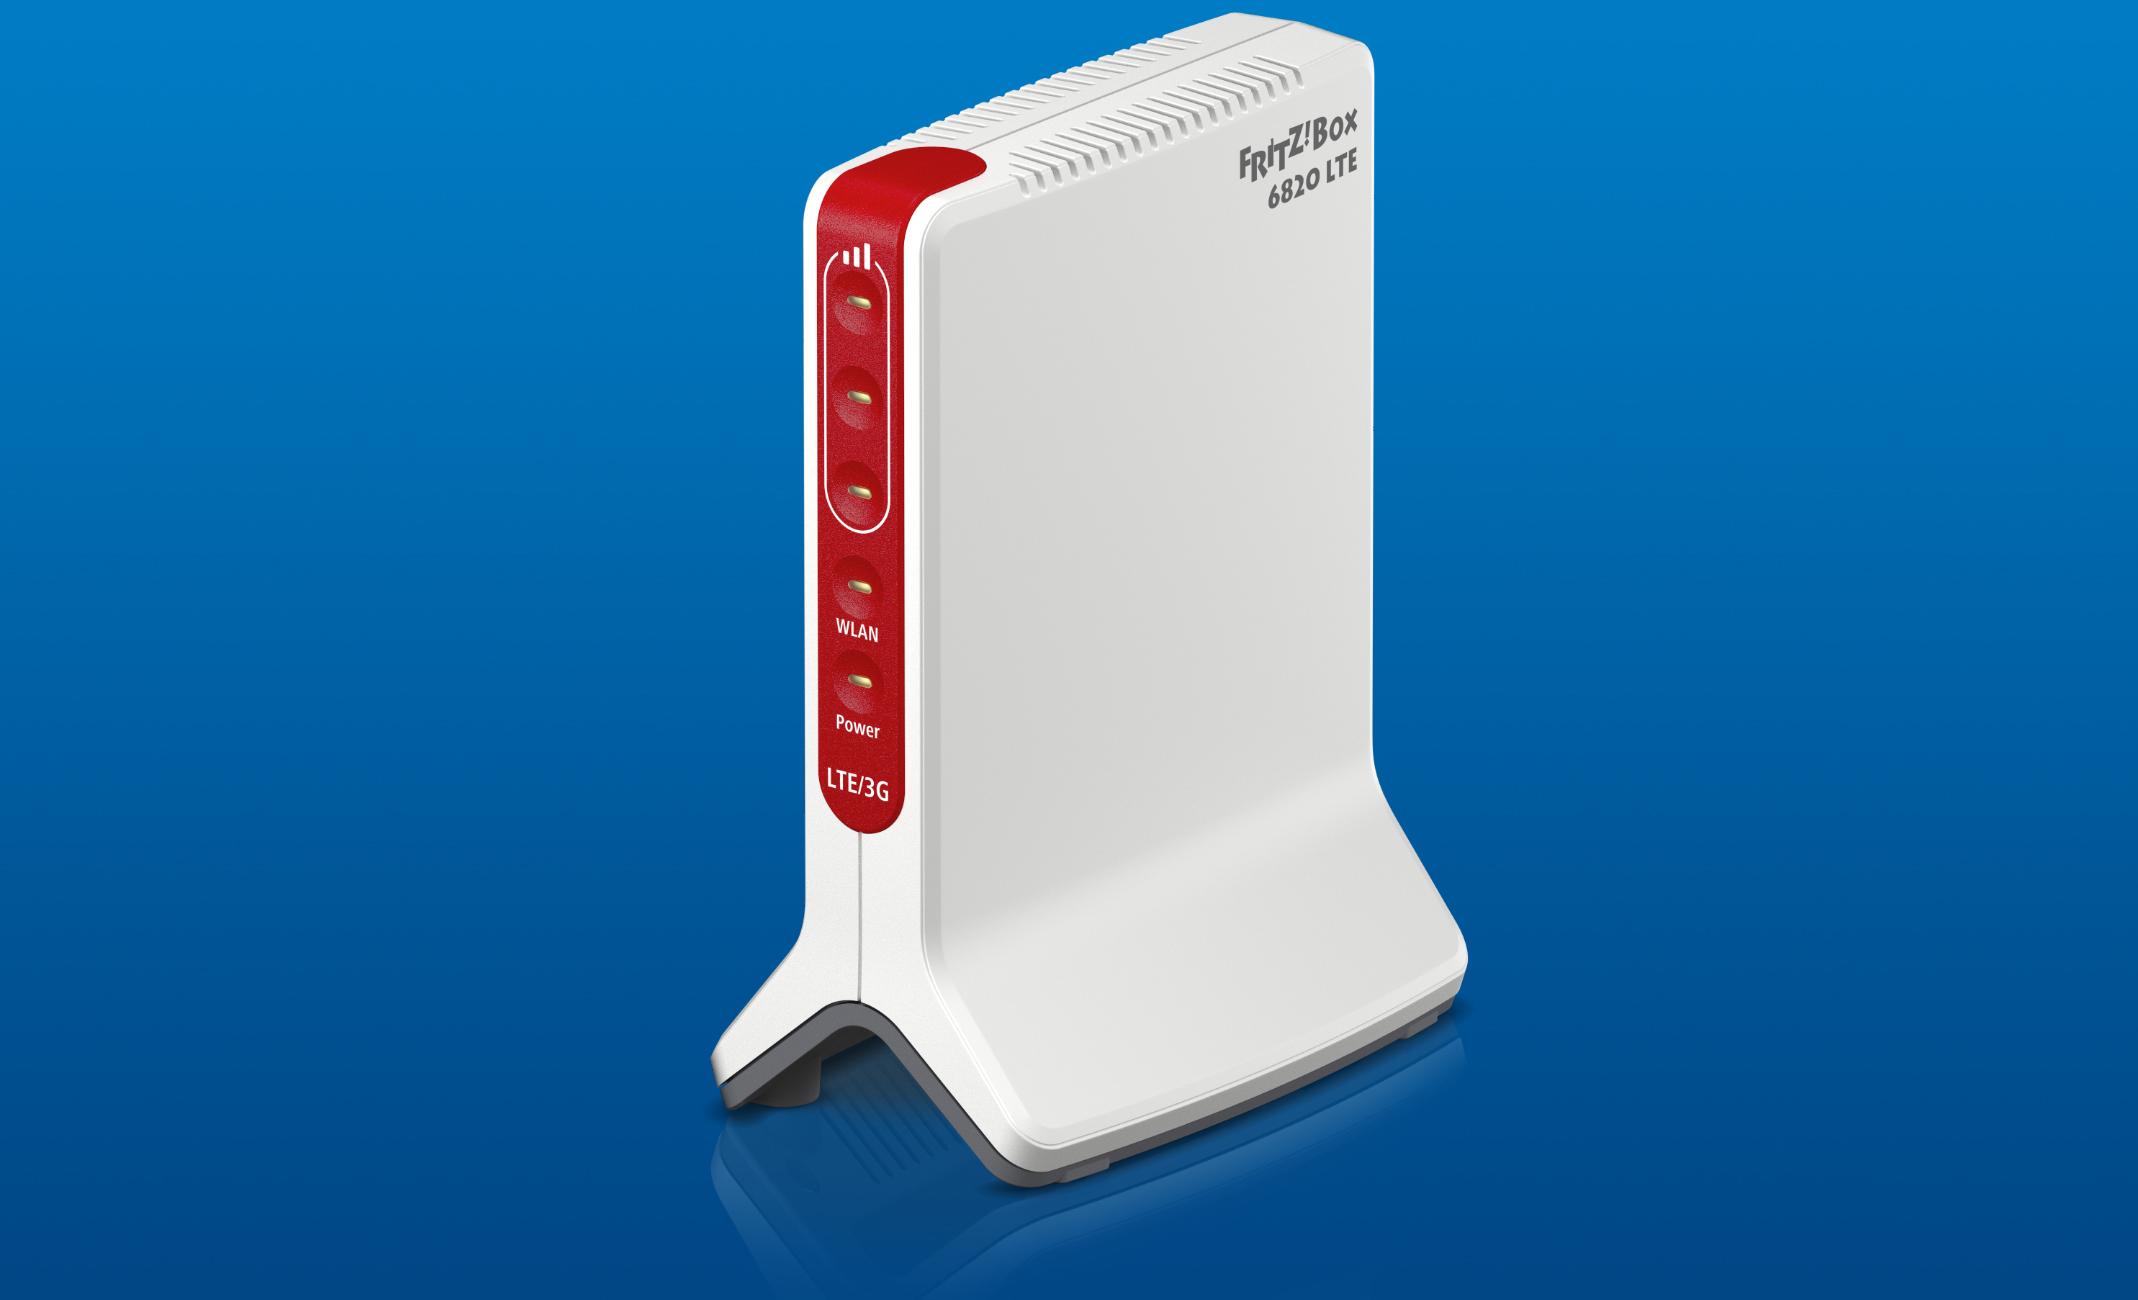 Router WIFI: FRITZ!Box 6820 LTE, internet ad alta velocità ovunque